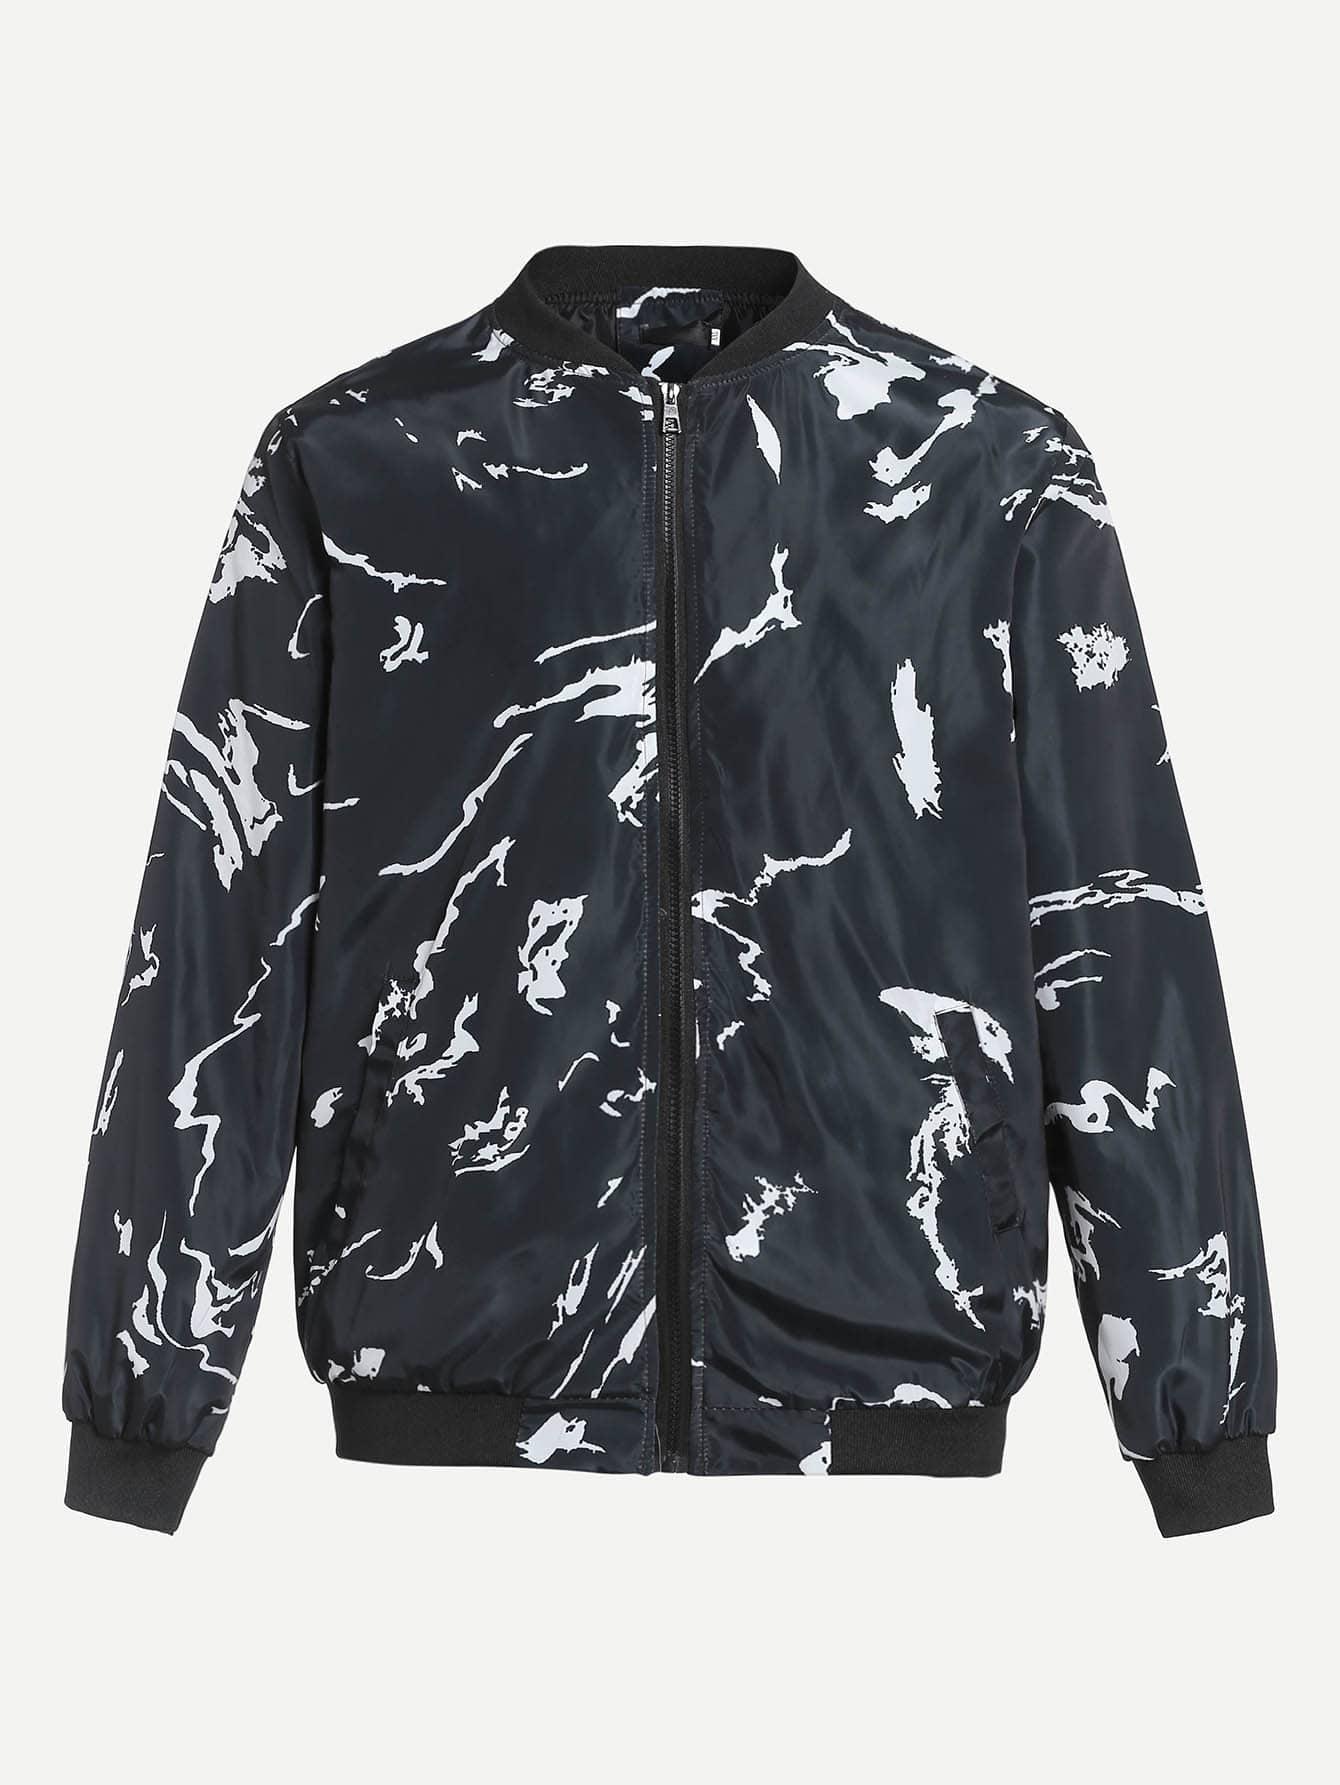 Купить Мужская куртка на молнии с принтом, null, SheIn